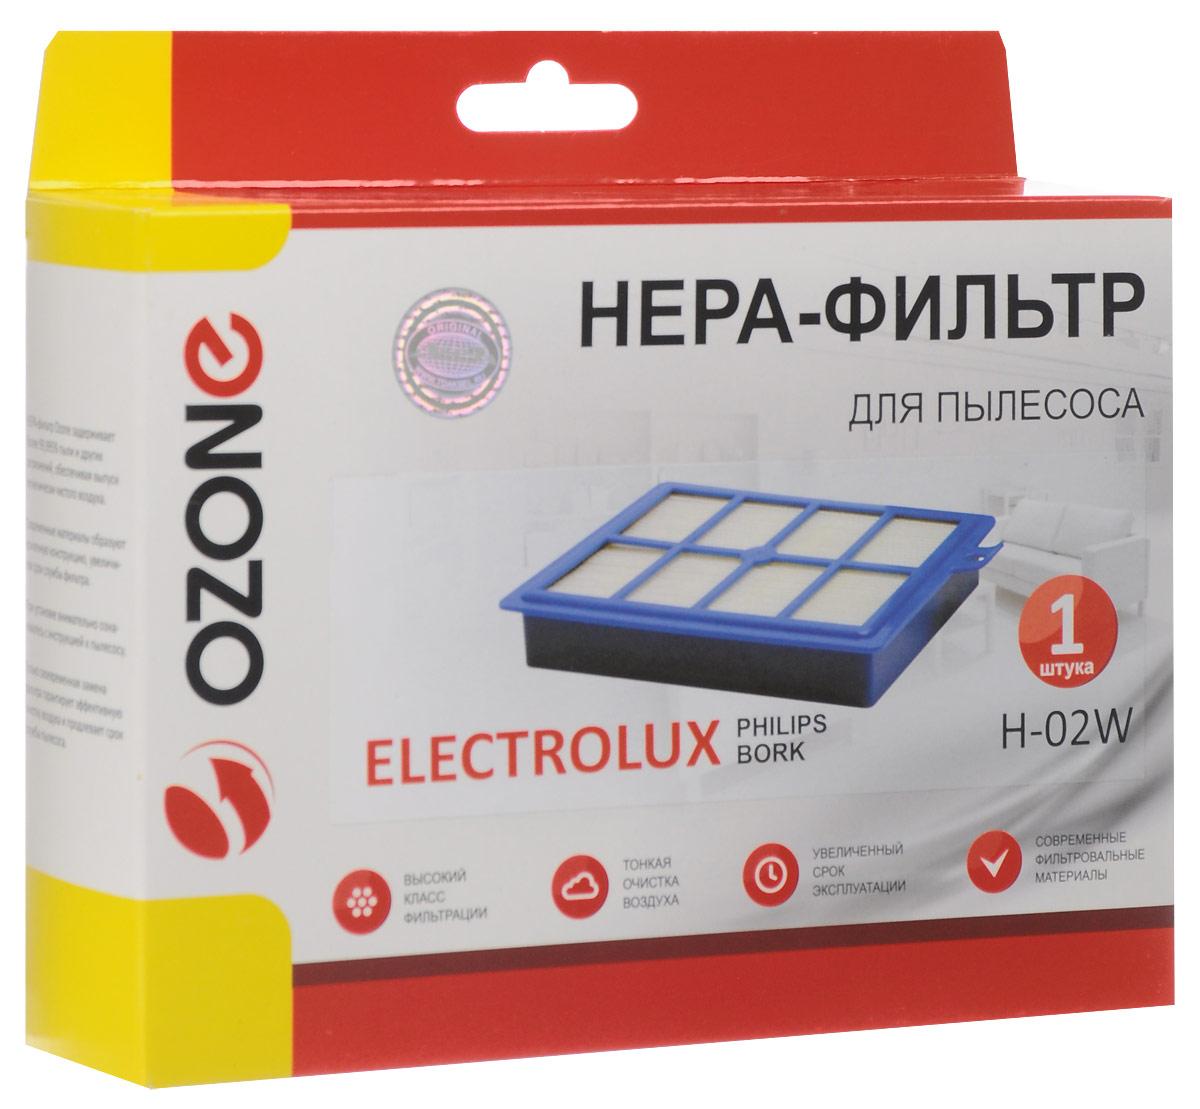 Ozone H-02W HEPA фильтр для пылесоса